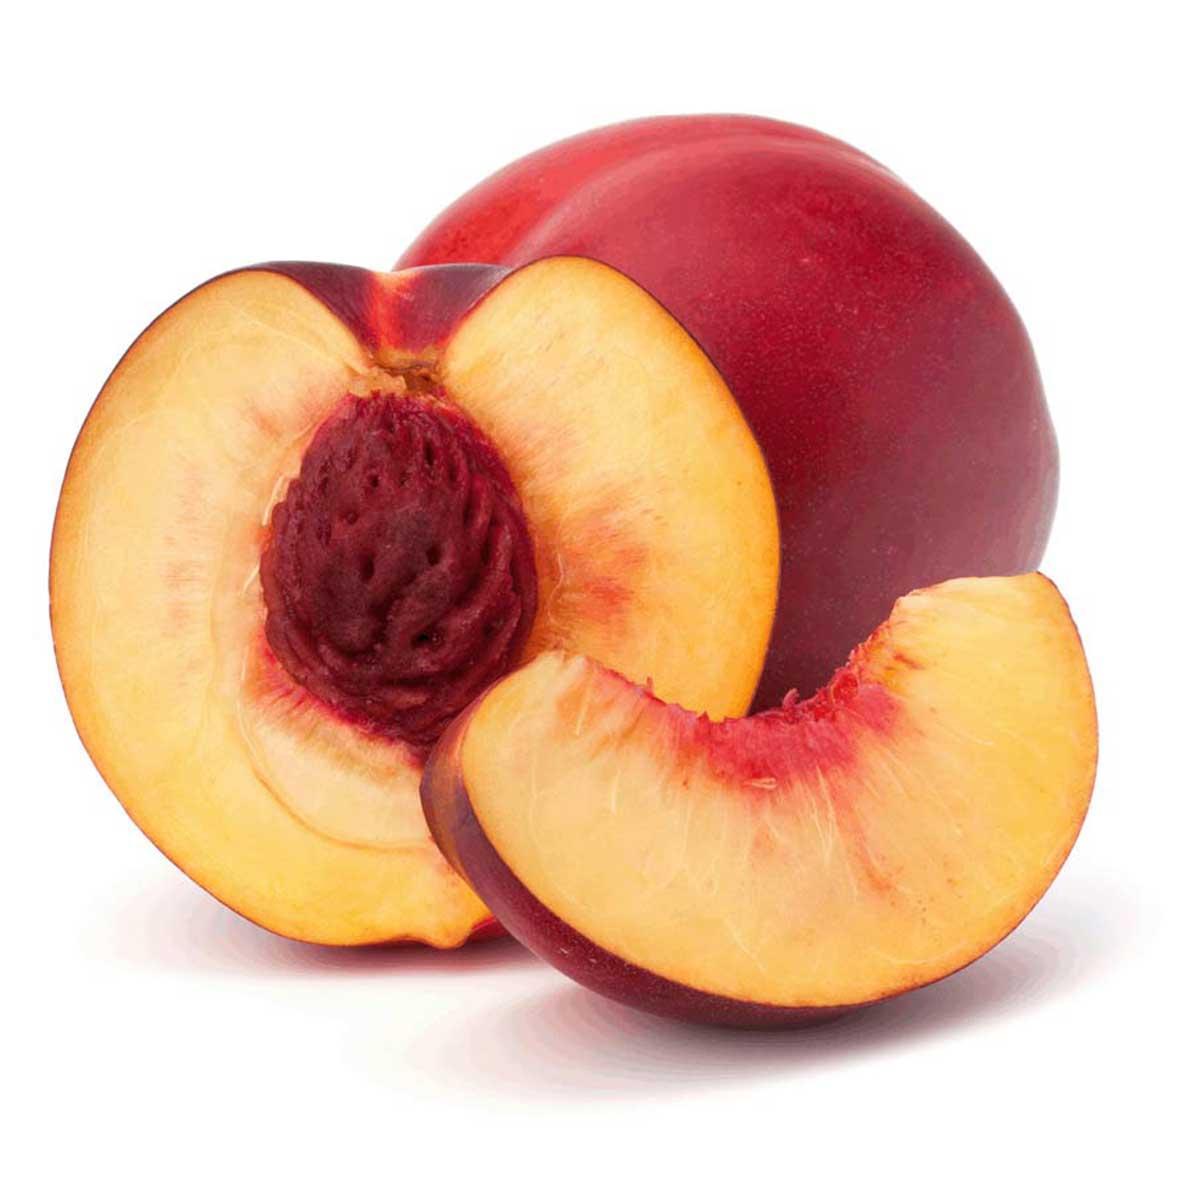 Nectarine jordan